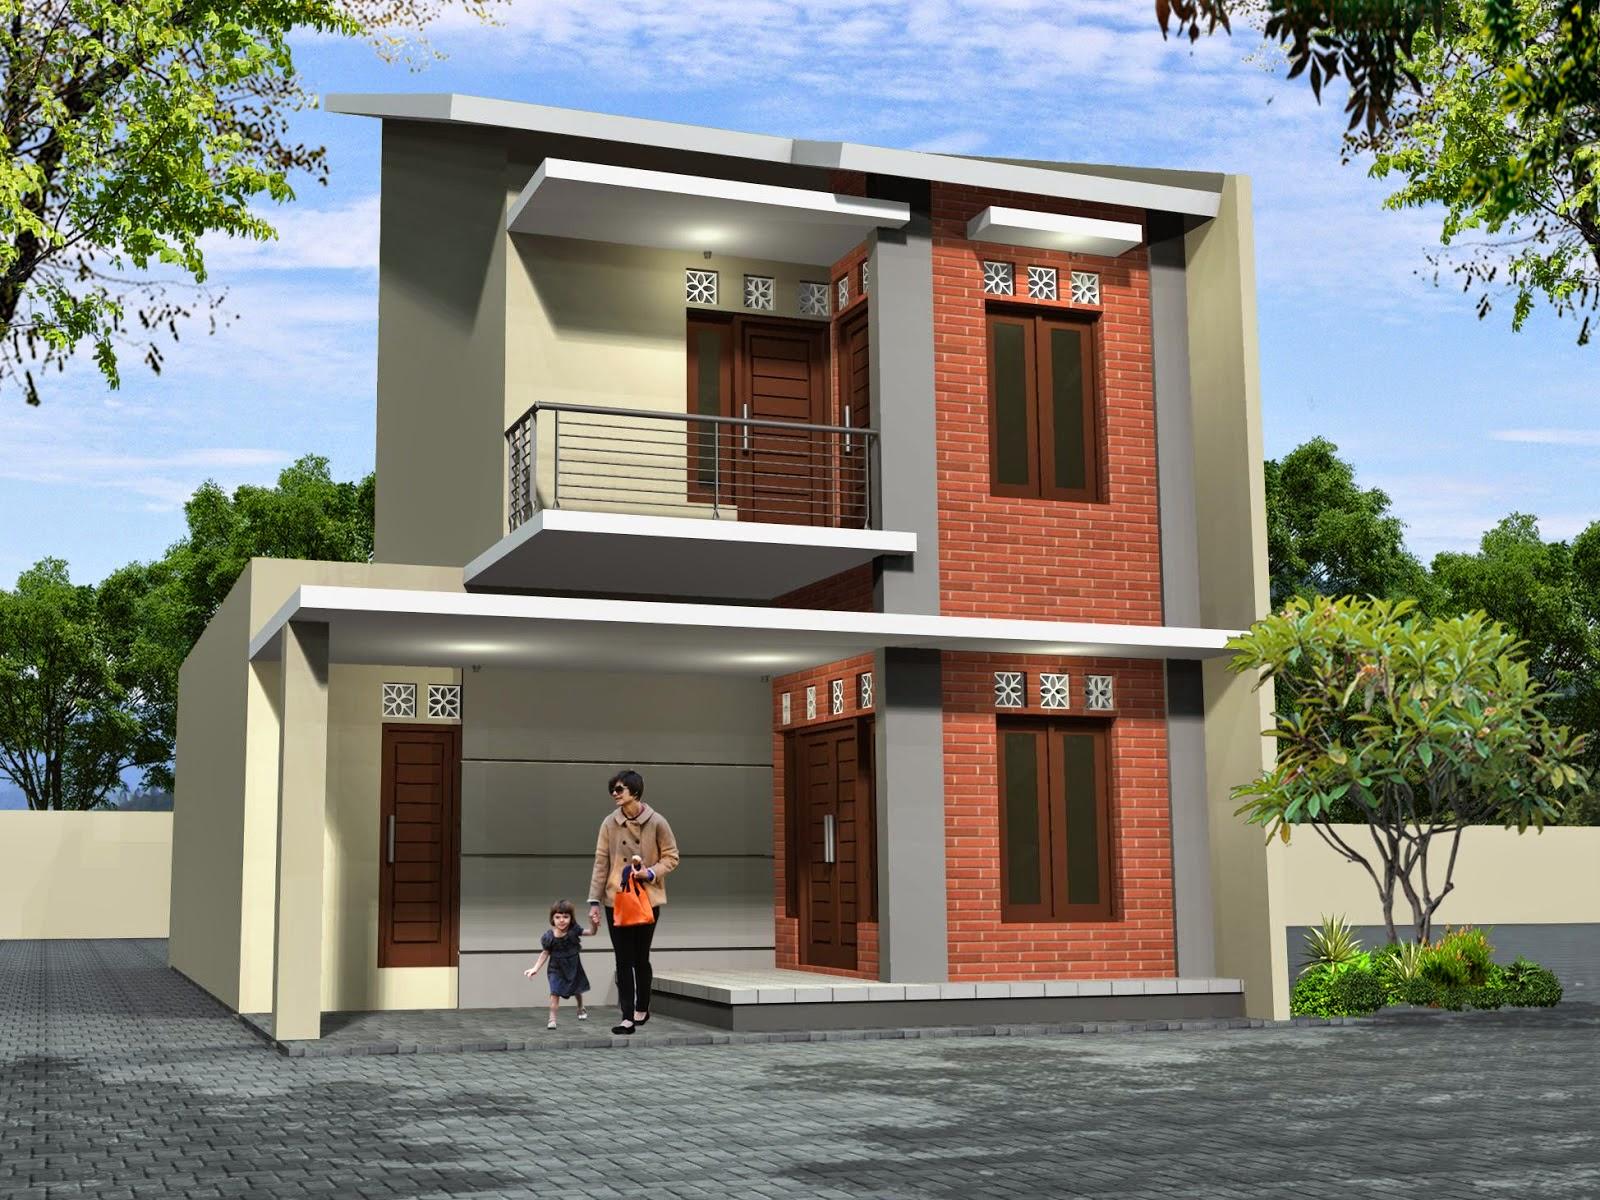 66 Desain Rumah Minimalis Pedesaan